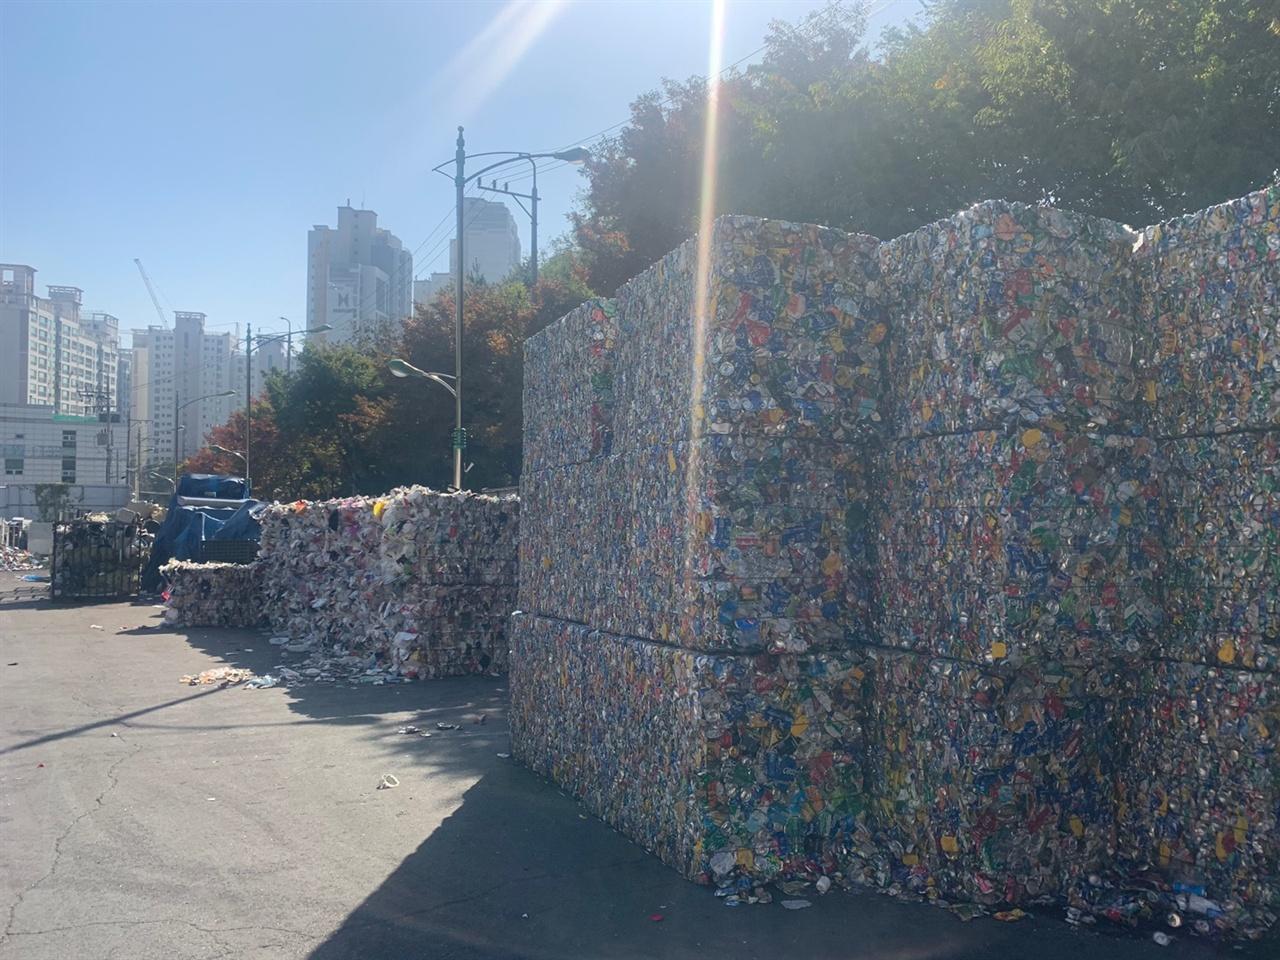 강북 재활용품 선별처리 시설 입구 주변에 쓰레기가 분류되어 묶여 있는 모습을 볼 수 있다.